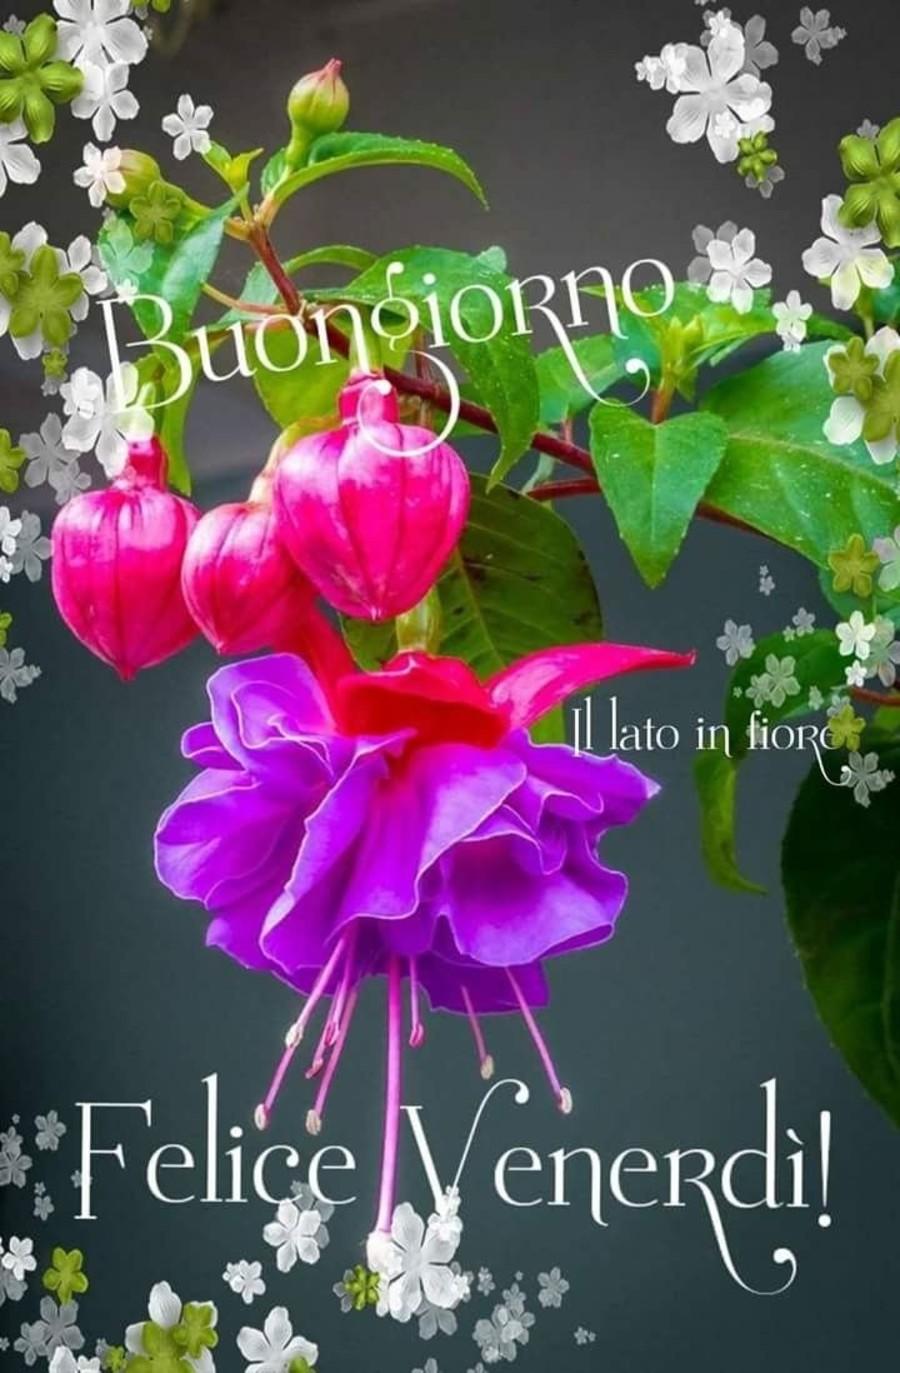 Immagini Buongiorno Felice Venerdi Primavera Fotowhatsapp It